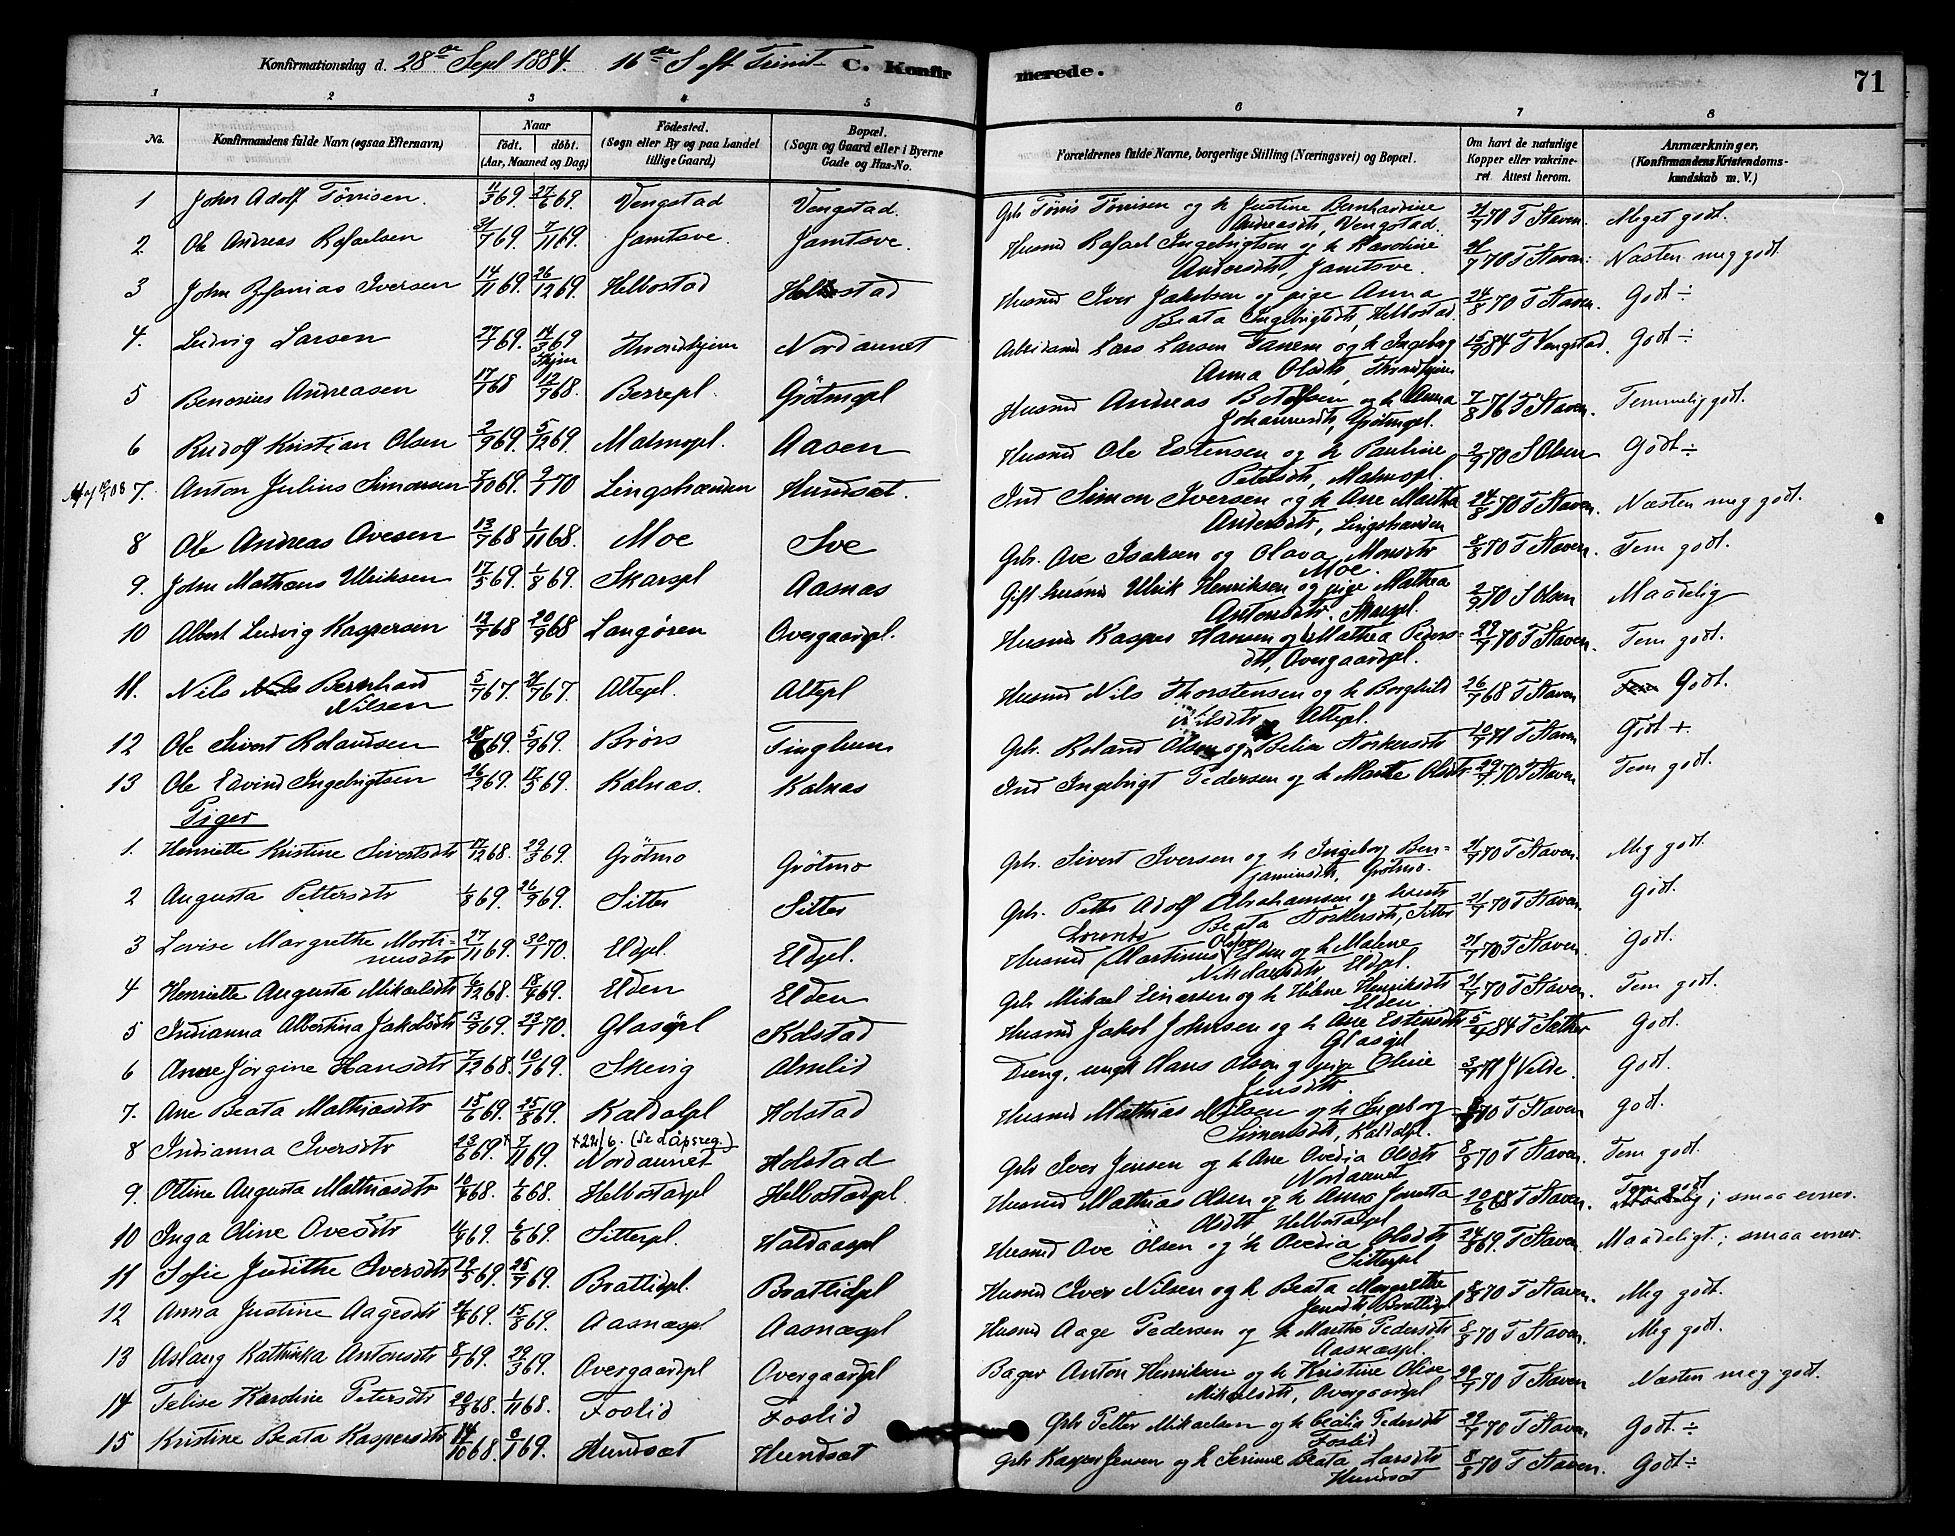 SAT, Ministerialprotokoller, klokkerbøker og fødselsregistre - Nord-Trøndelag, 742/L0408: Ministerialbok nr. 742A01, 1878-1890, s. 71